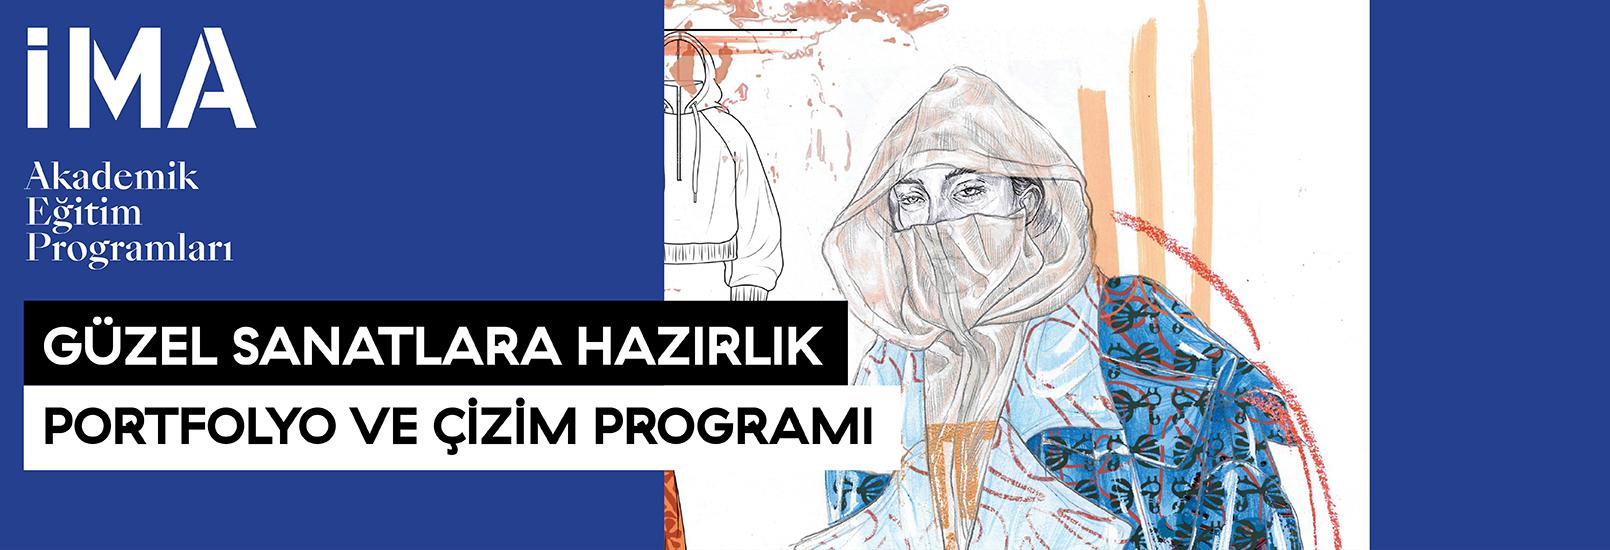 Güzel Sanatlara Hazırlık Portfolyo ve Çizim Programı